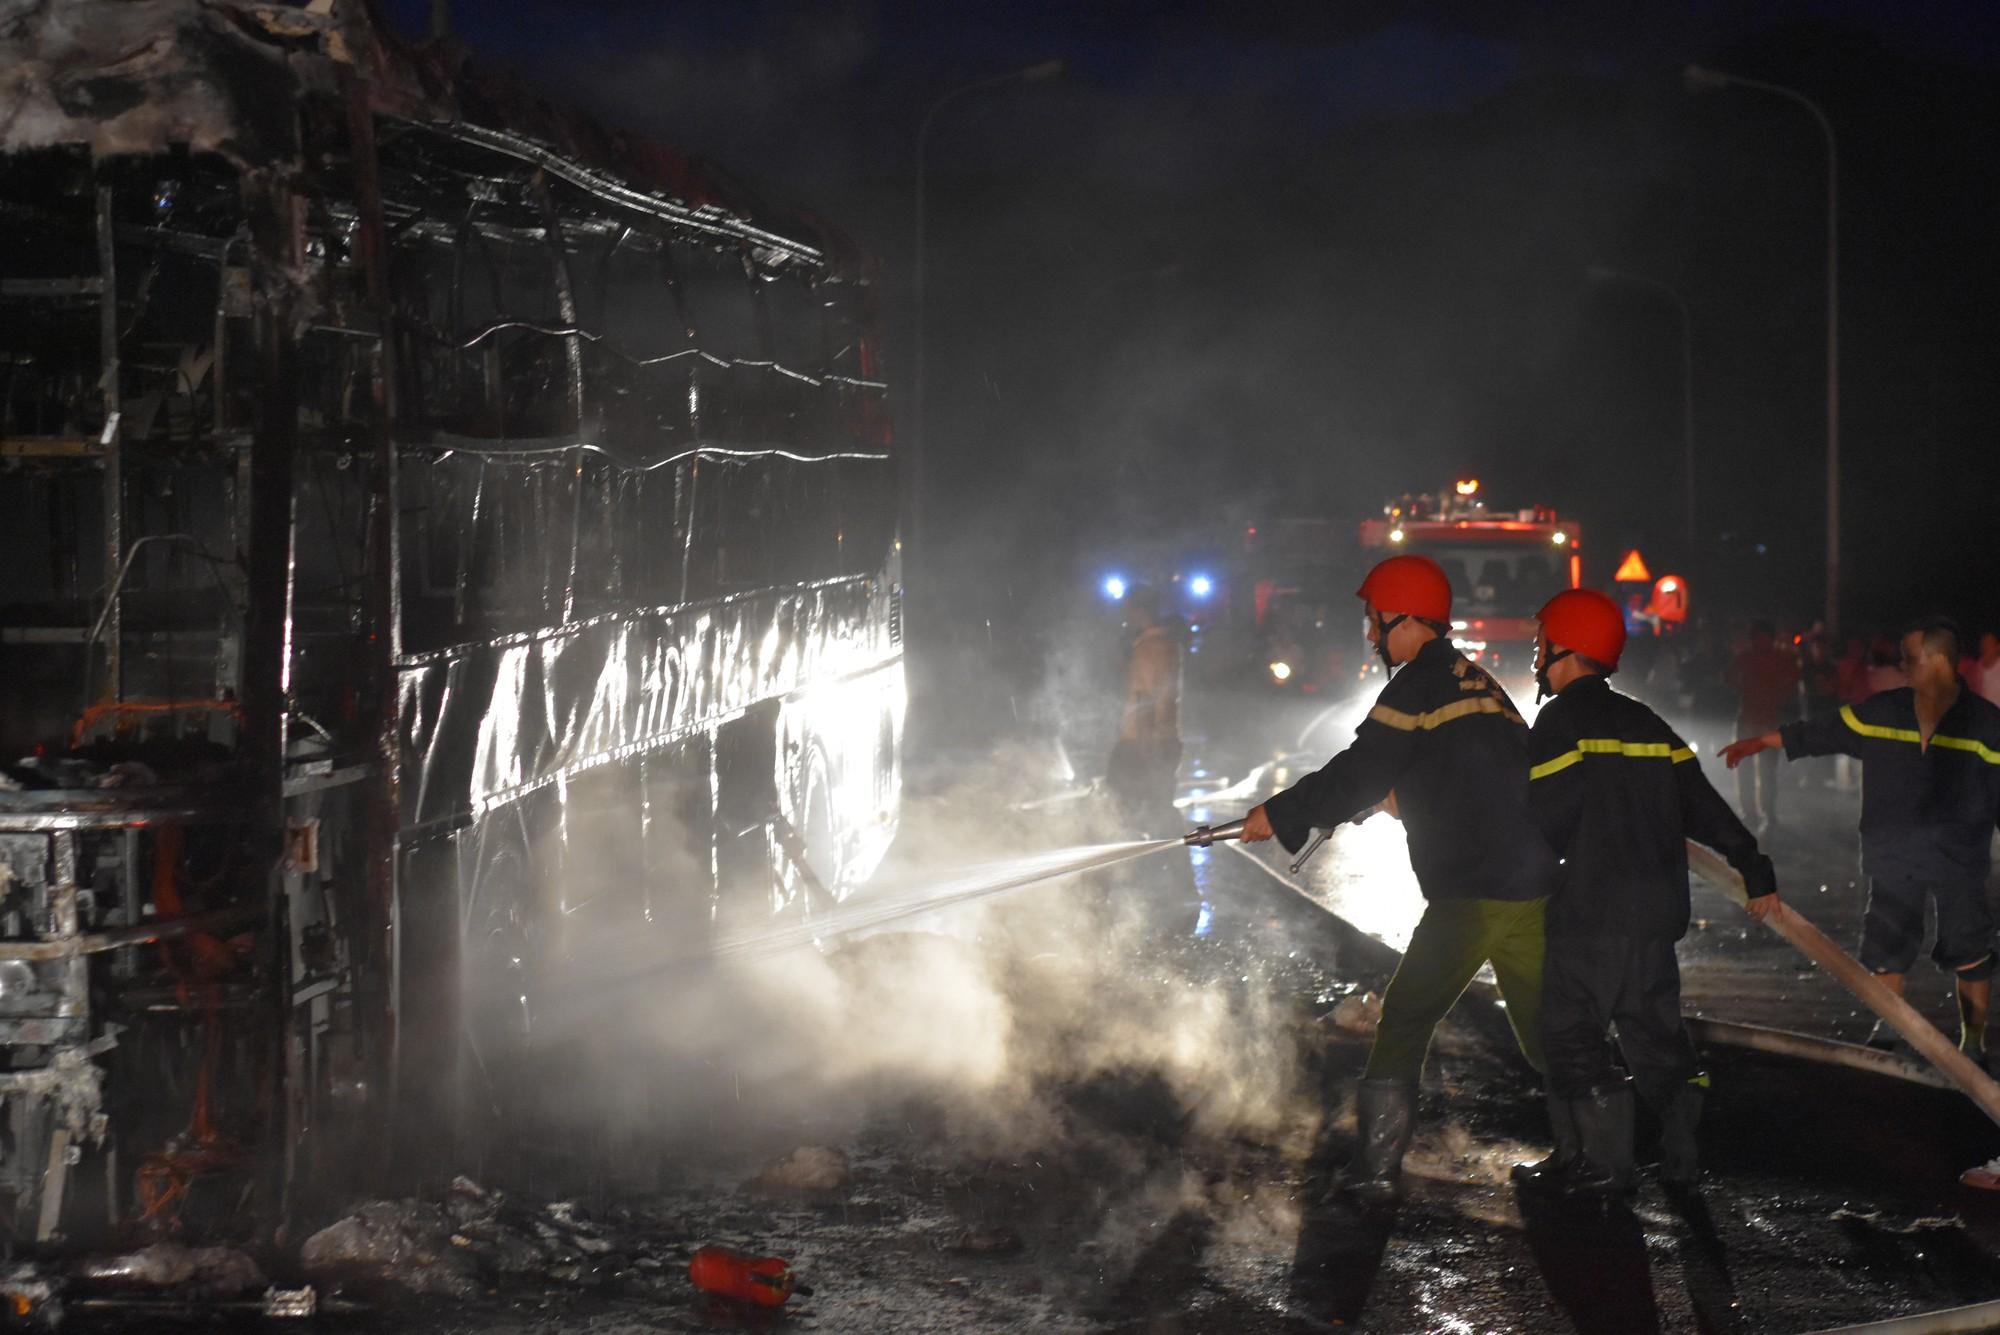 Chiếc xe khách chở 50 người bốc cháy ngùn ngụt trên quốc lộ 1A.